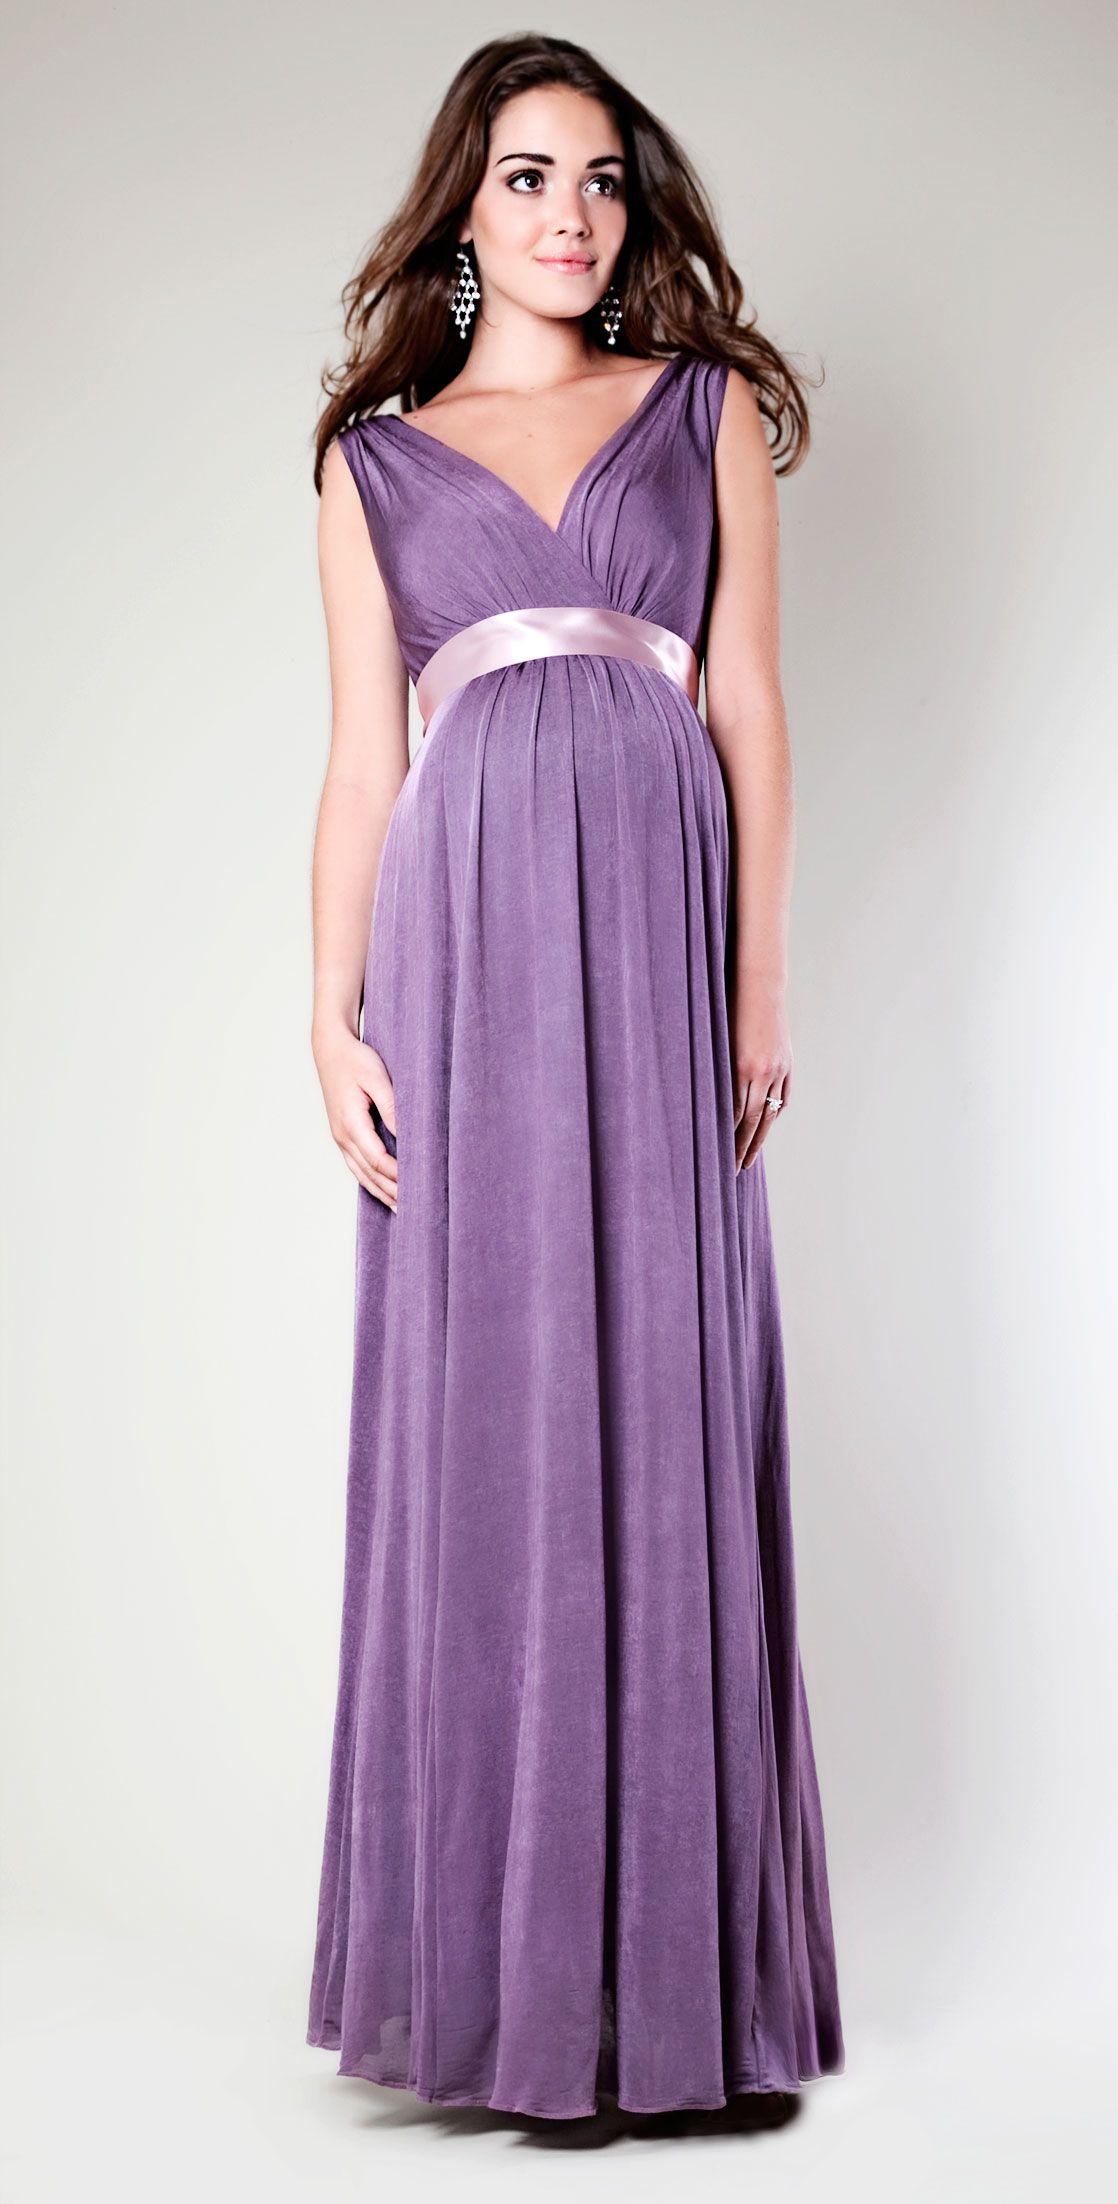 Anastasia Gown Long | Vestidos embarazada, Embarazo y Vestiditos